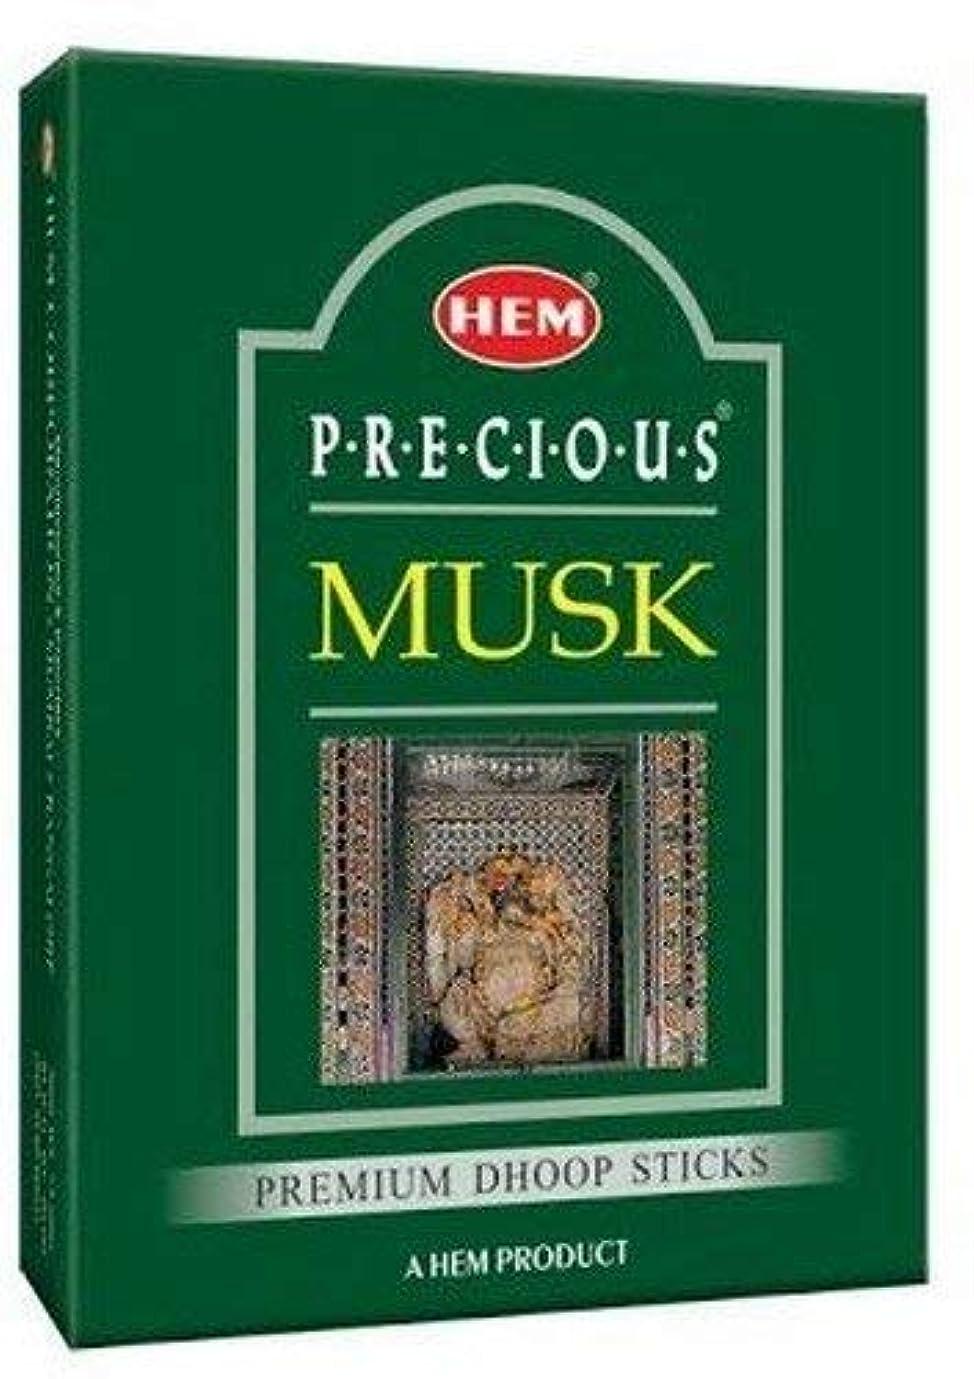 おなかがすいた専門知識サルベージHem Precious Musk Dhoop - 75 g